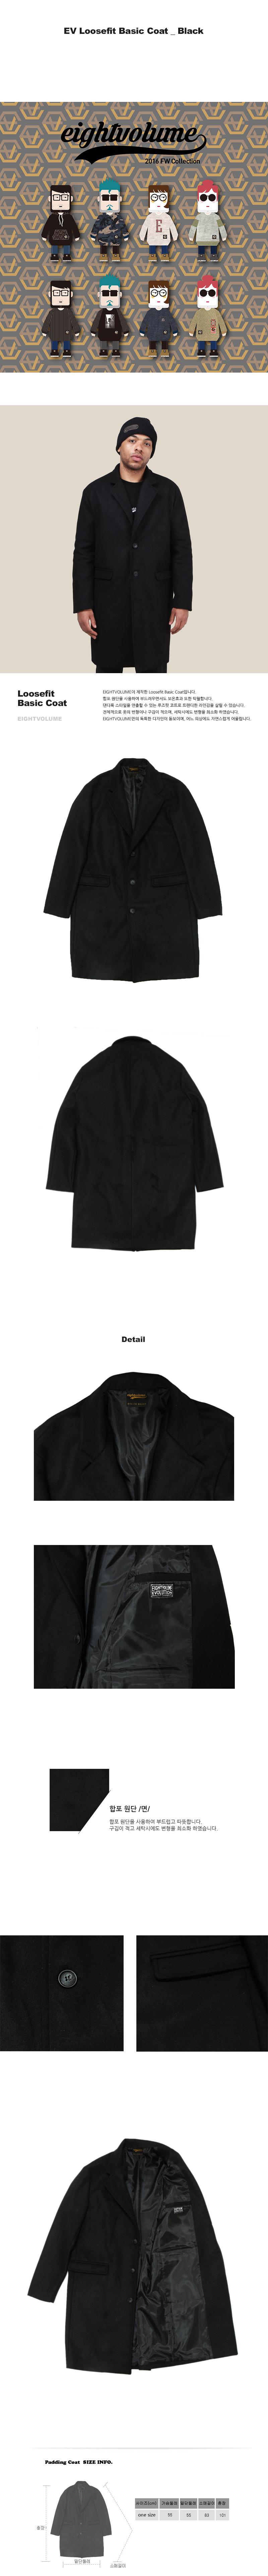 [에잇볼륨] EV Loosefit Basic Coat (Black)